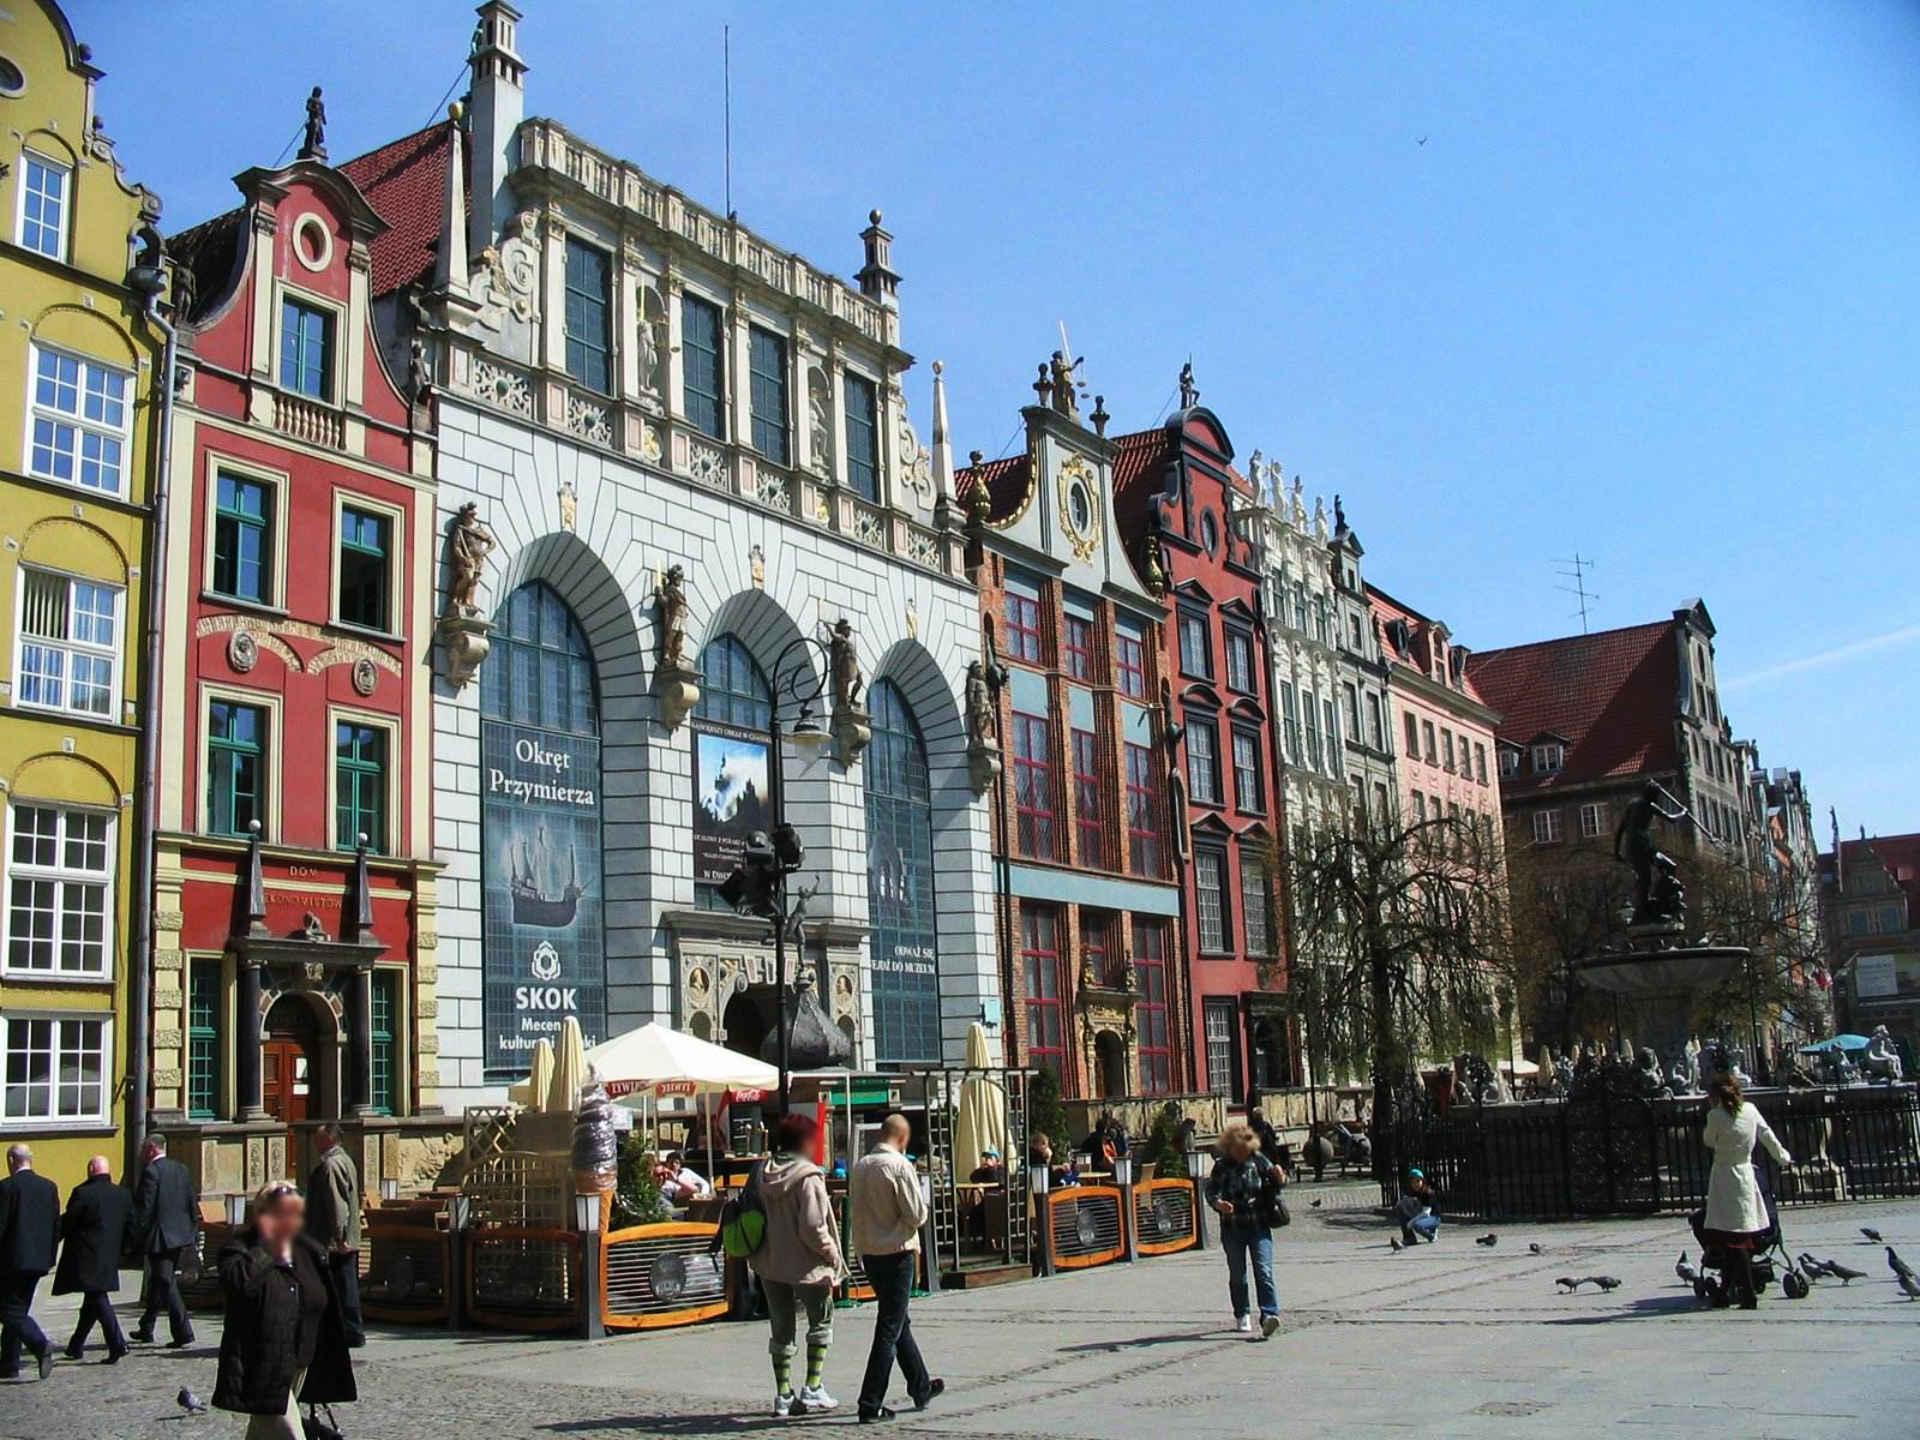 Zu sehen sind Häuser und der Neptunbrunnen in der Danziger Innenstadt, Bild: User Benhamburg at wikivoyage shared